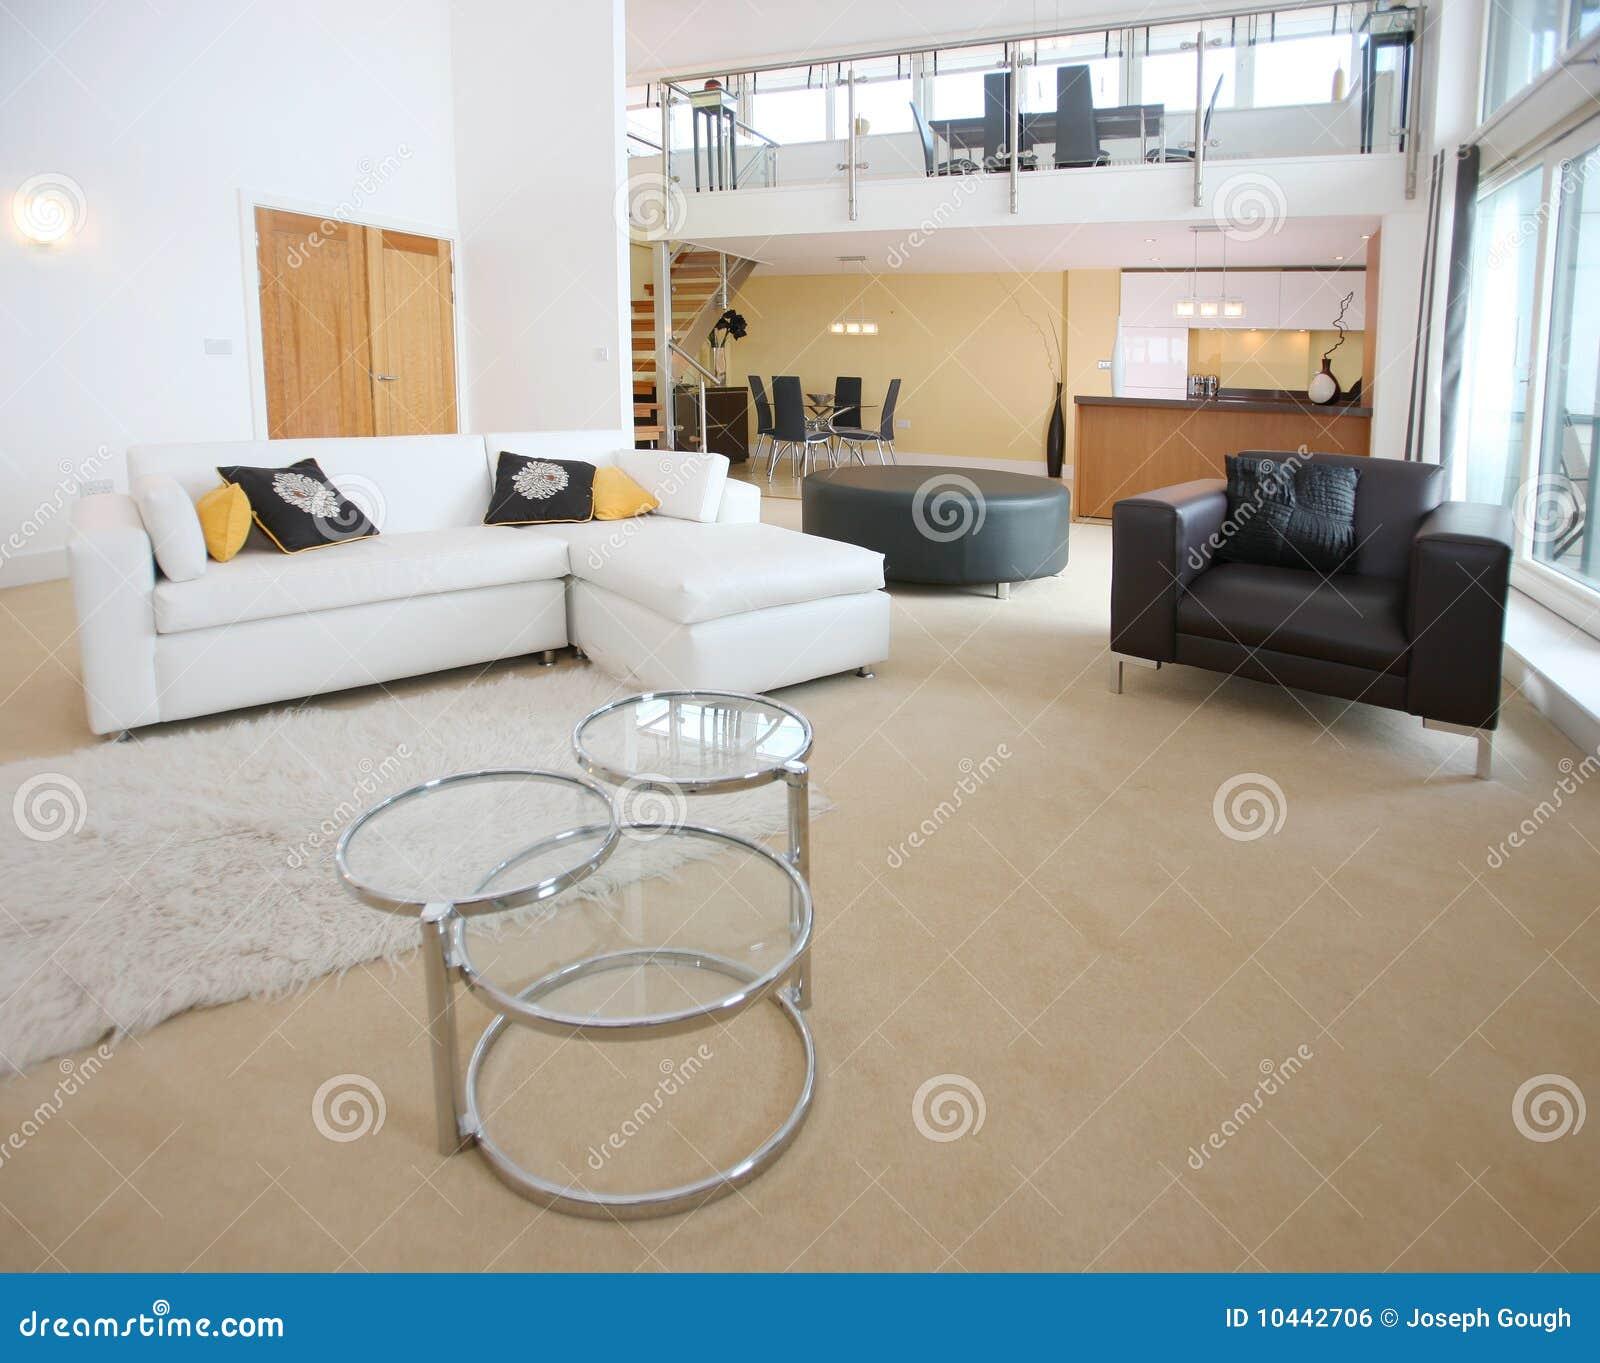 Exceptionnel Appartement Ouvert Moderne De Plan Photo Stock   Image Du Montage, Plat:  10442706 Beau